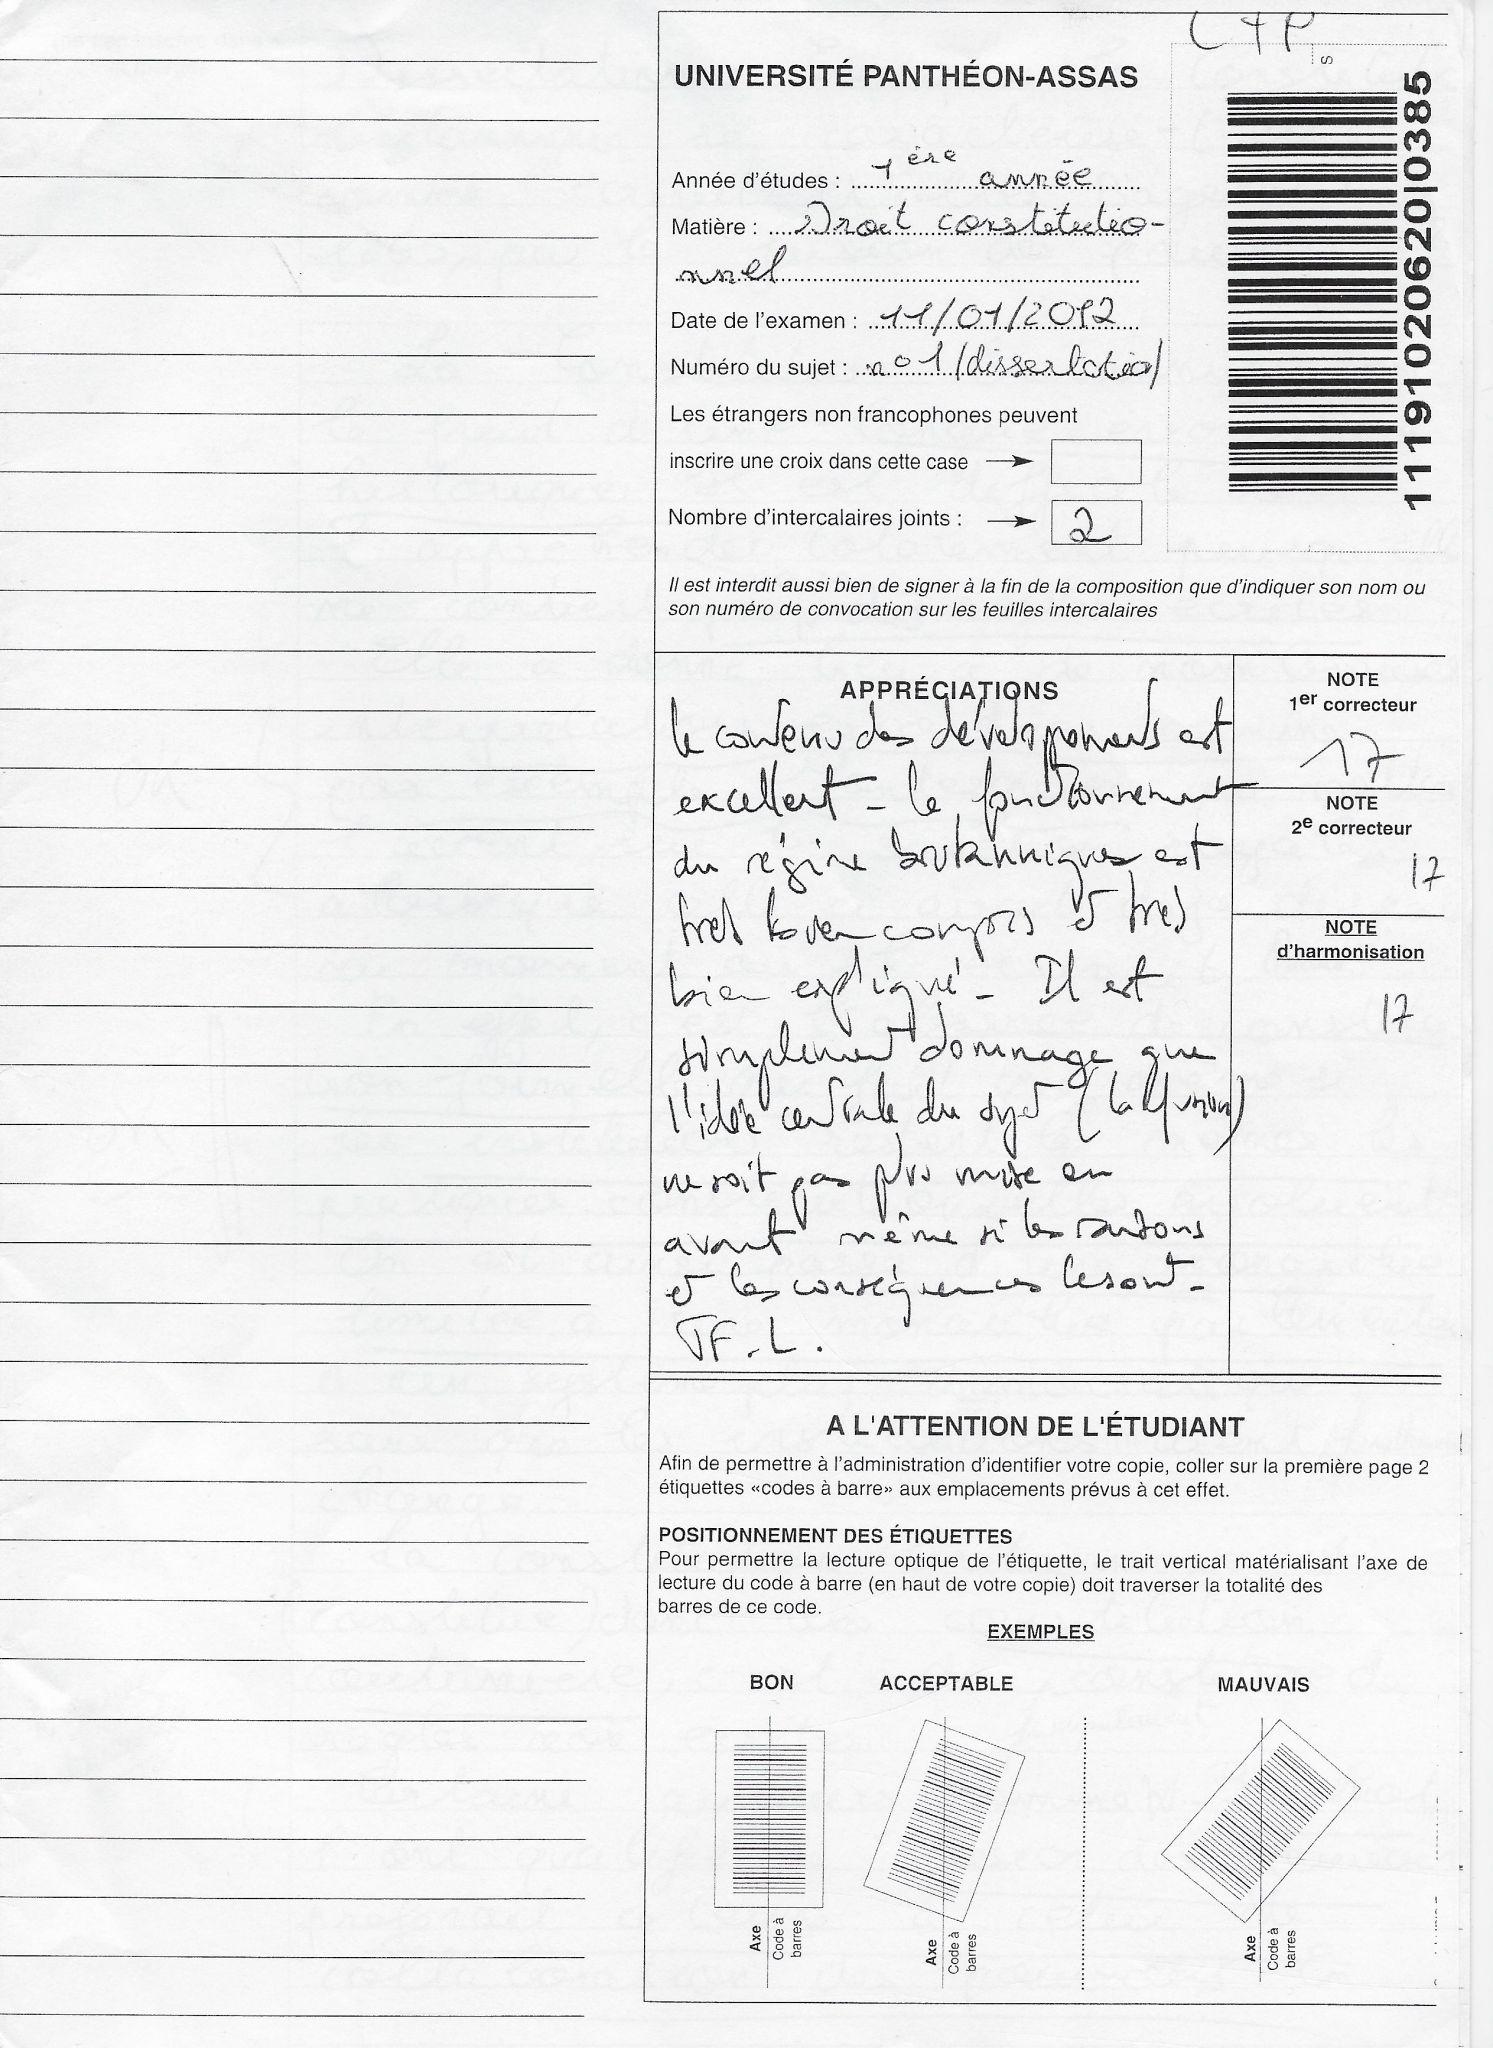 Copie droit constitutionnel 17 sur 20 aideauxtd.com